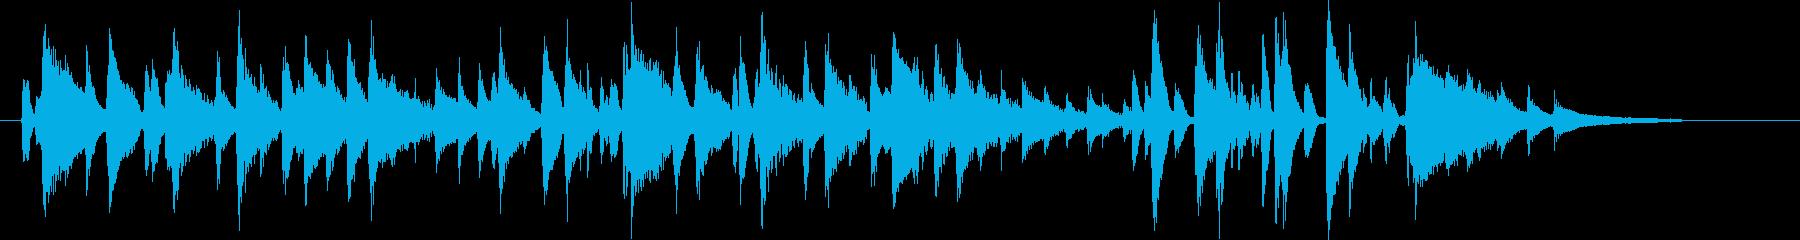 ハッピーバースデー JAZZピアノSH版の再生済みの波形